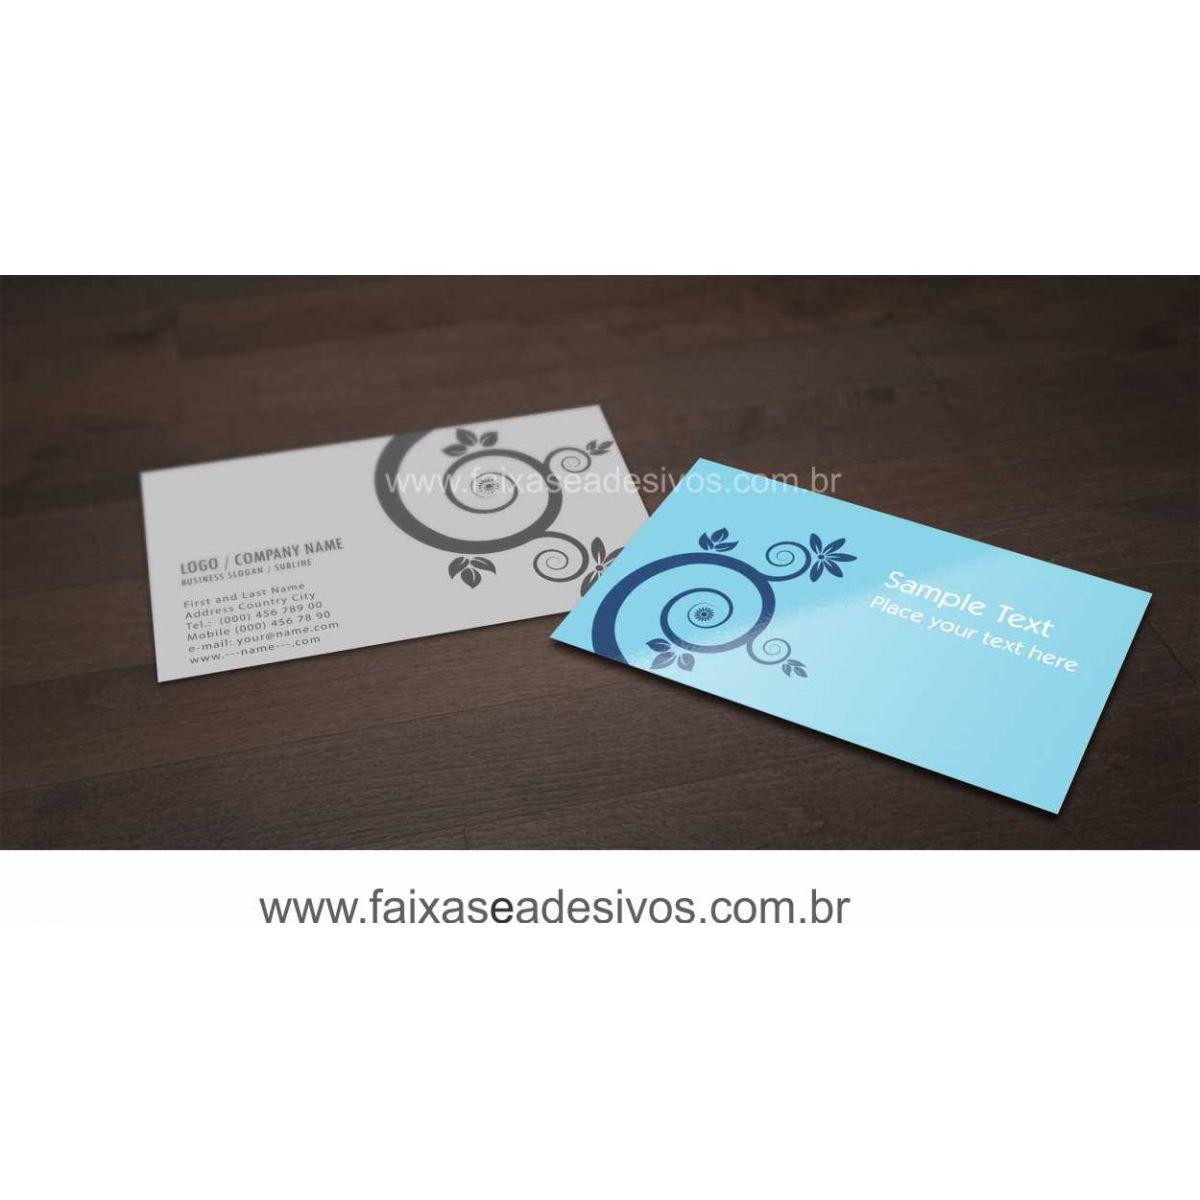 012G - Cartão de Visita 4x1 cor  - Verniz UV Total Frente  - FAC Signs Impressão Digital